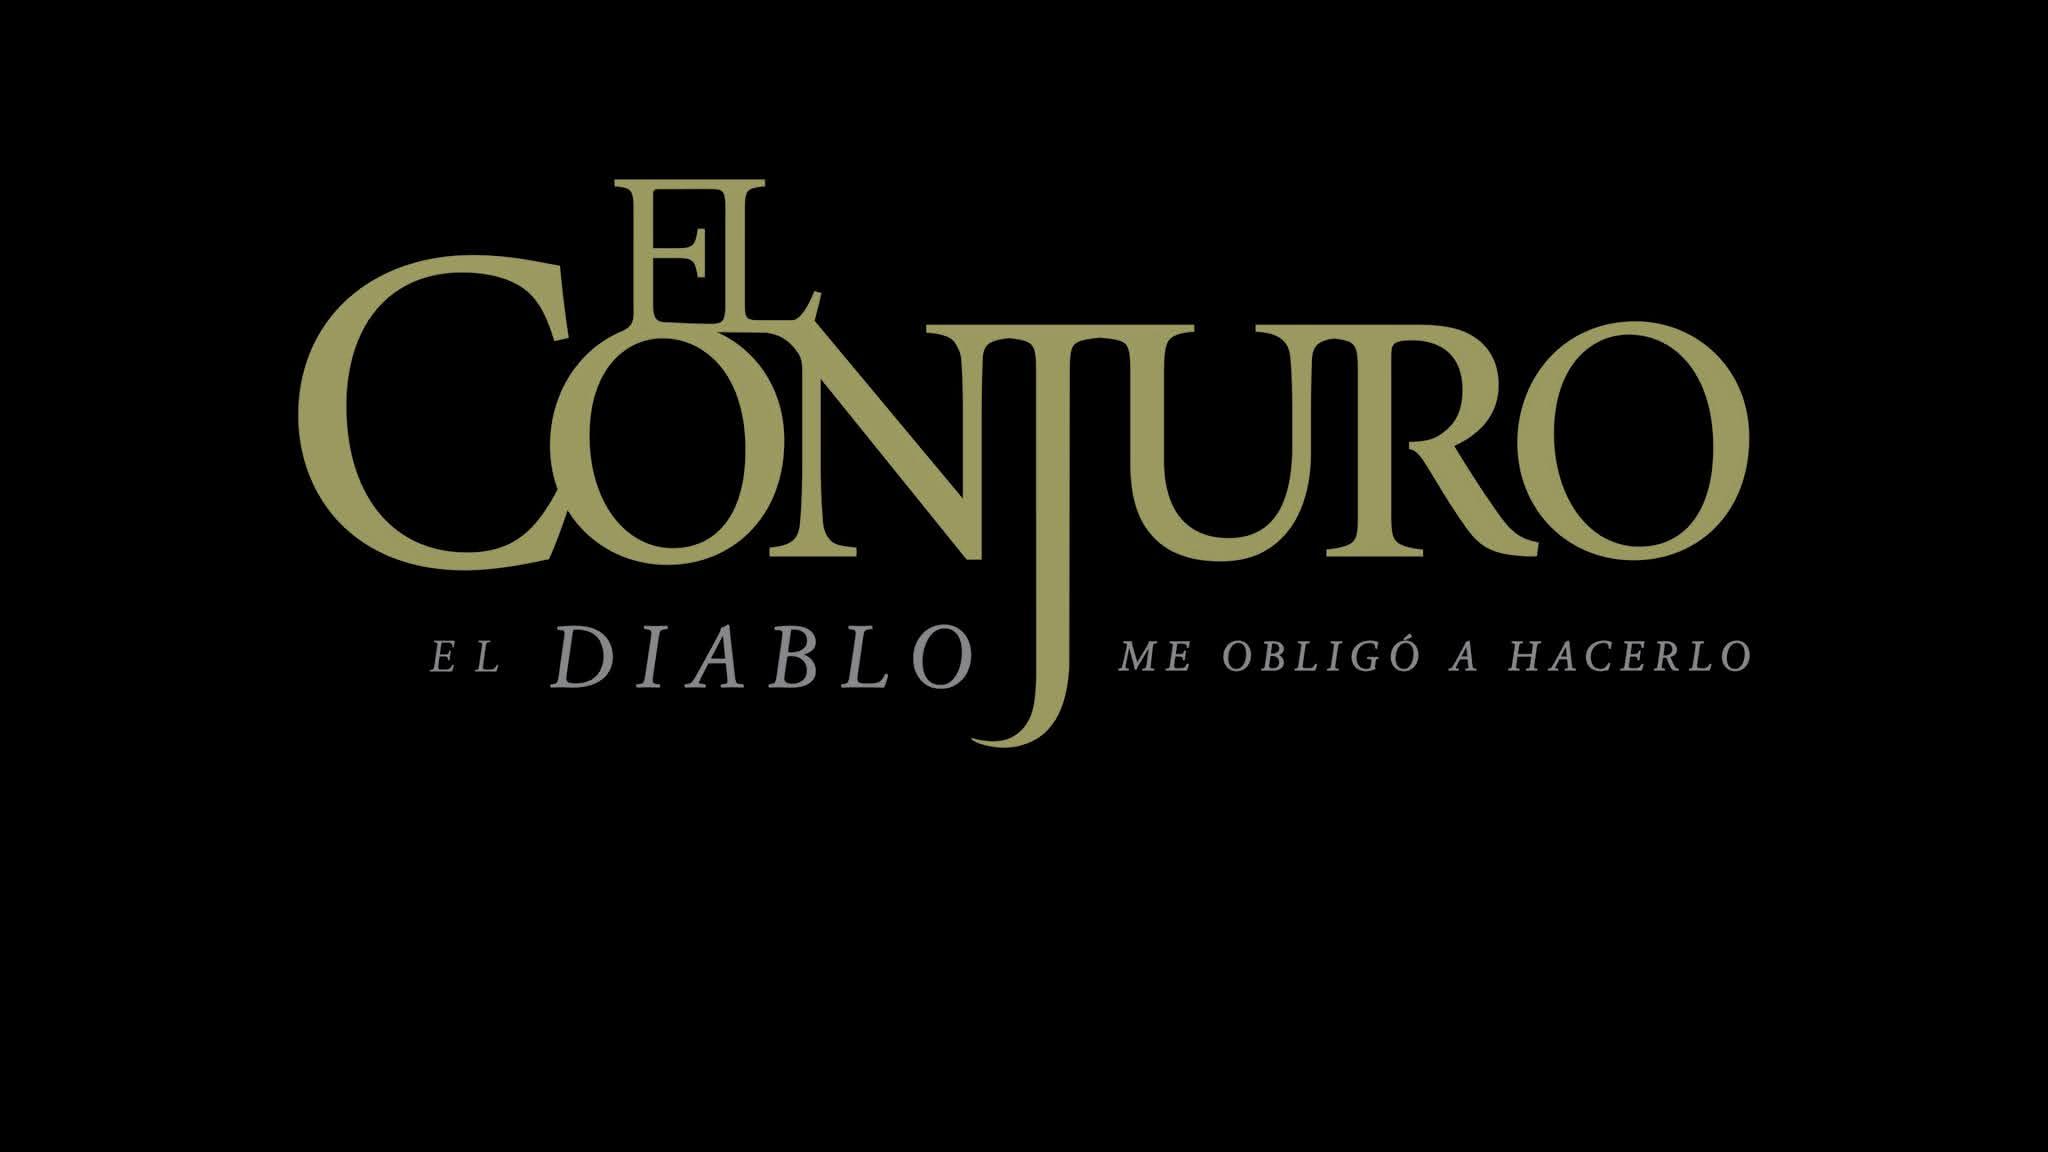 El conjuro 3: El diablo me obligó a hacerlo (2021) 4K WEB-DL HDR Latino